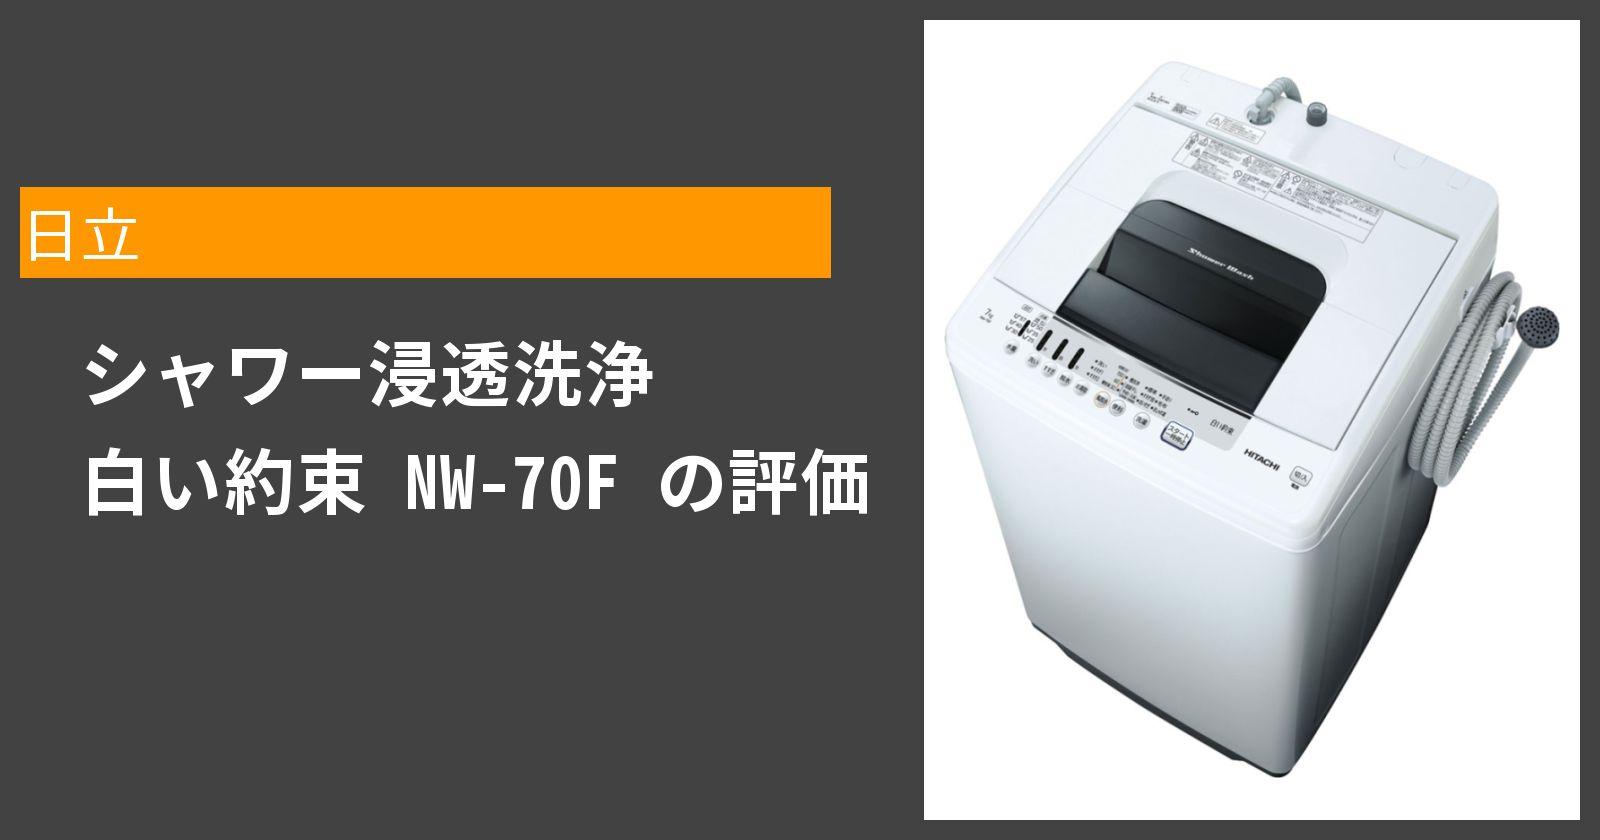 シャワー浸透洗浄 白い約束 NW-70Fを徹底評価